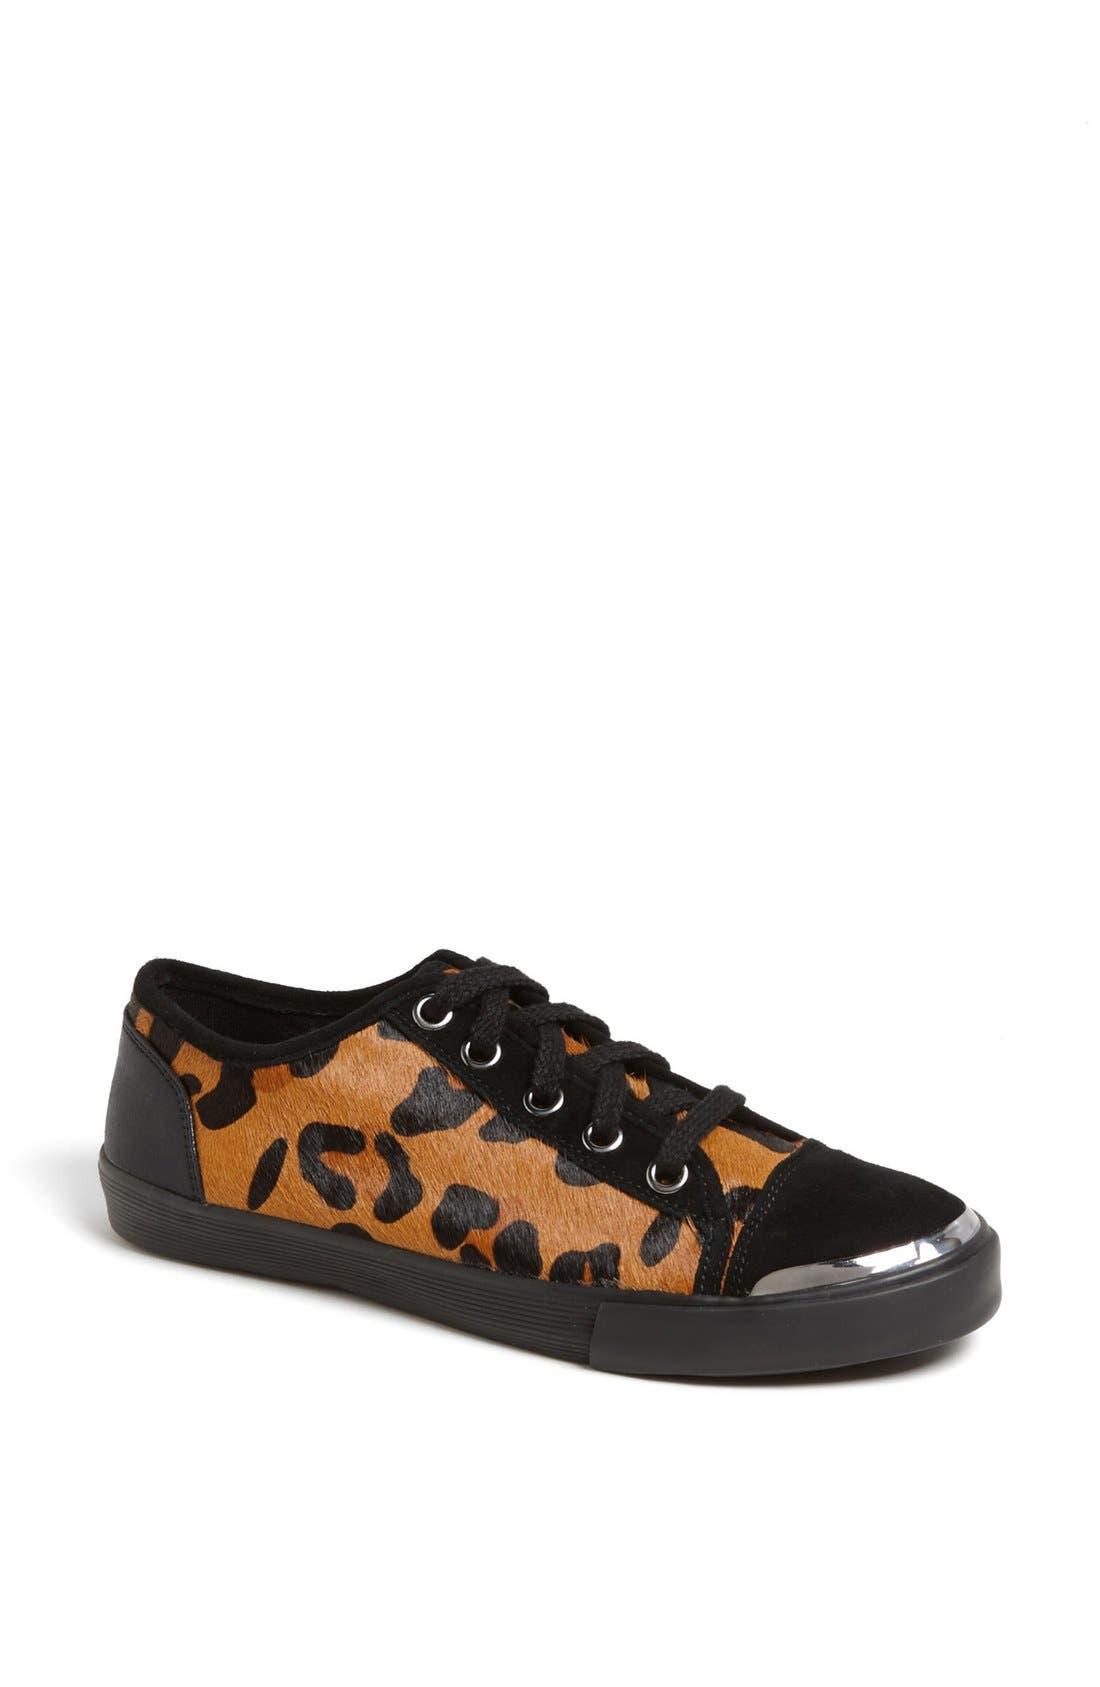 Main Image - Nine West 'Deanne' Leopard Print Sneaker